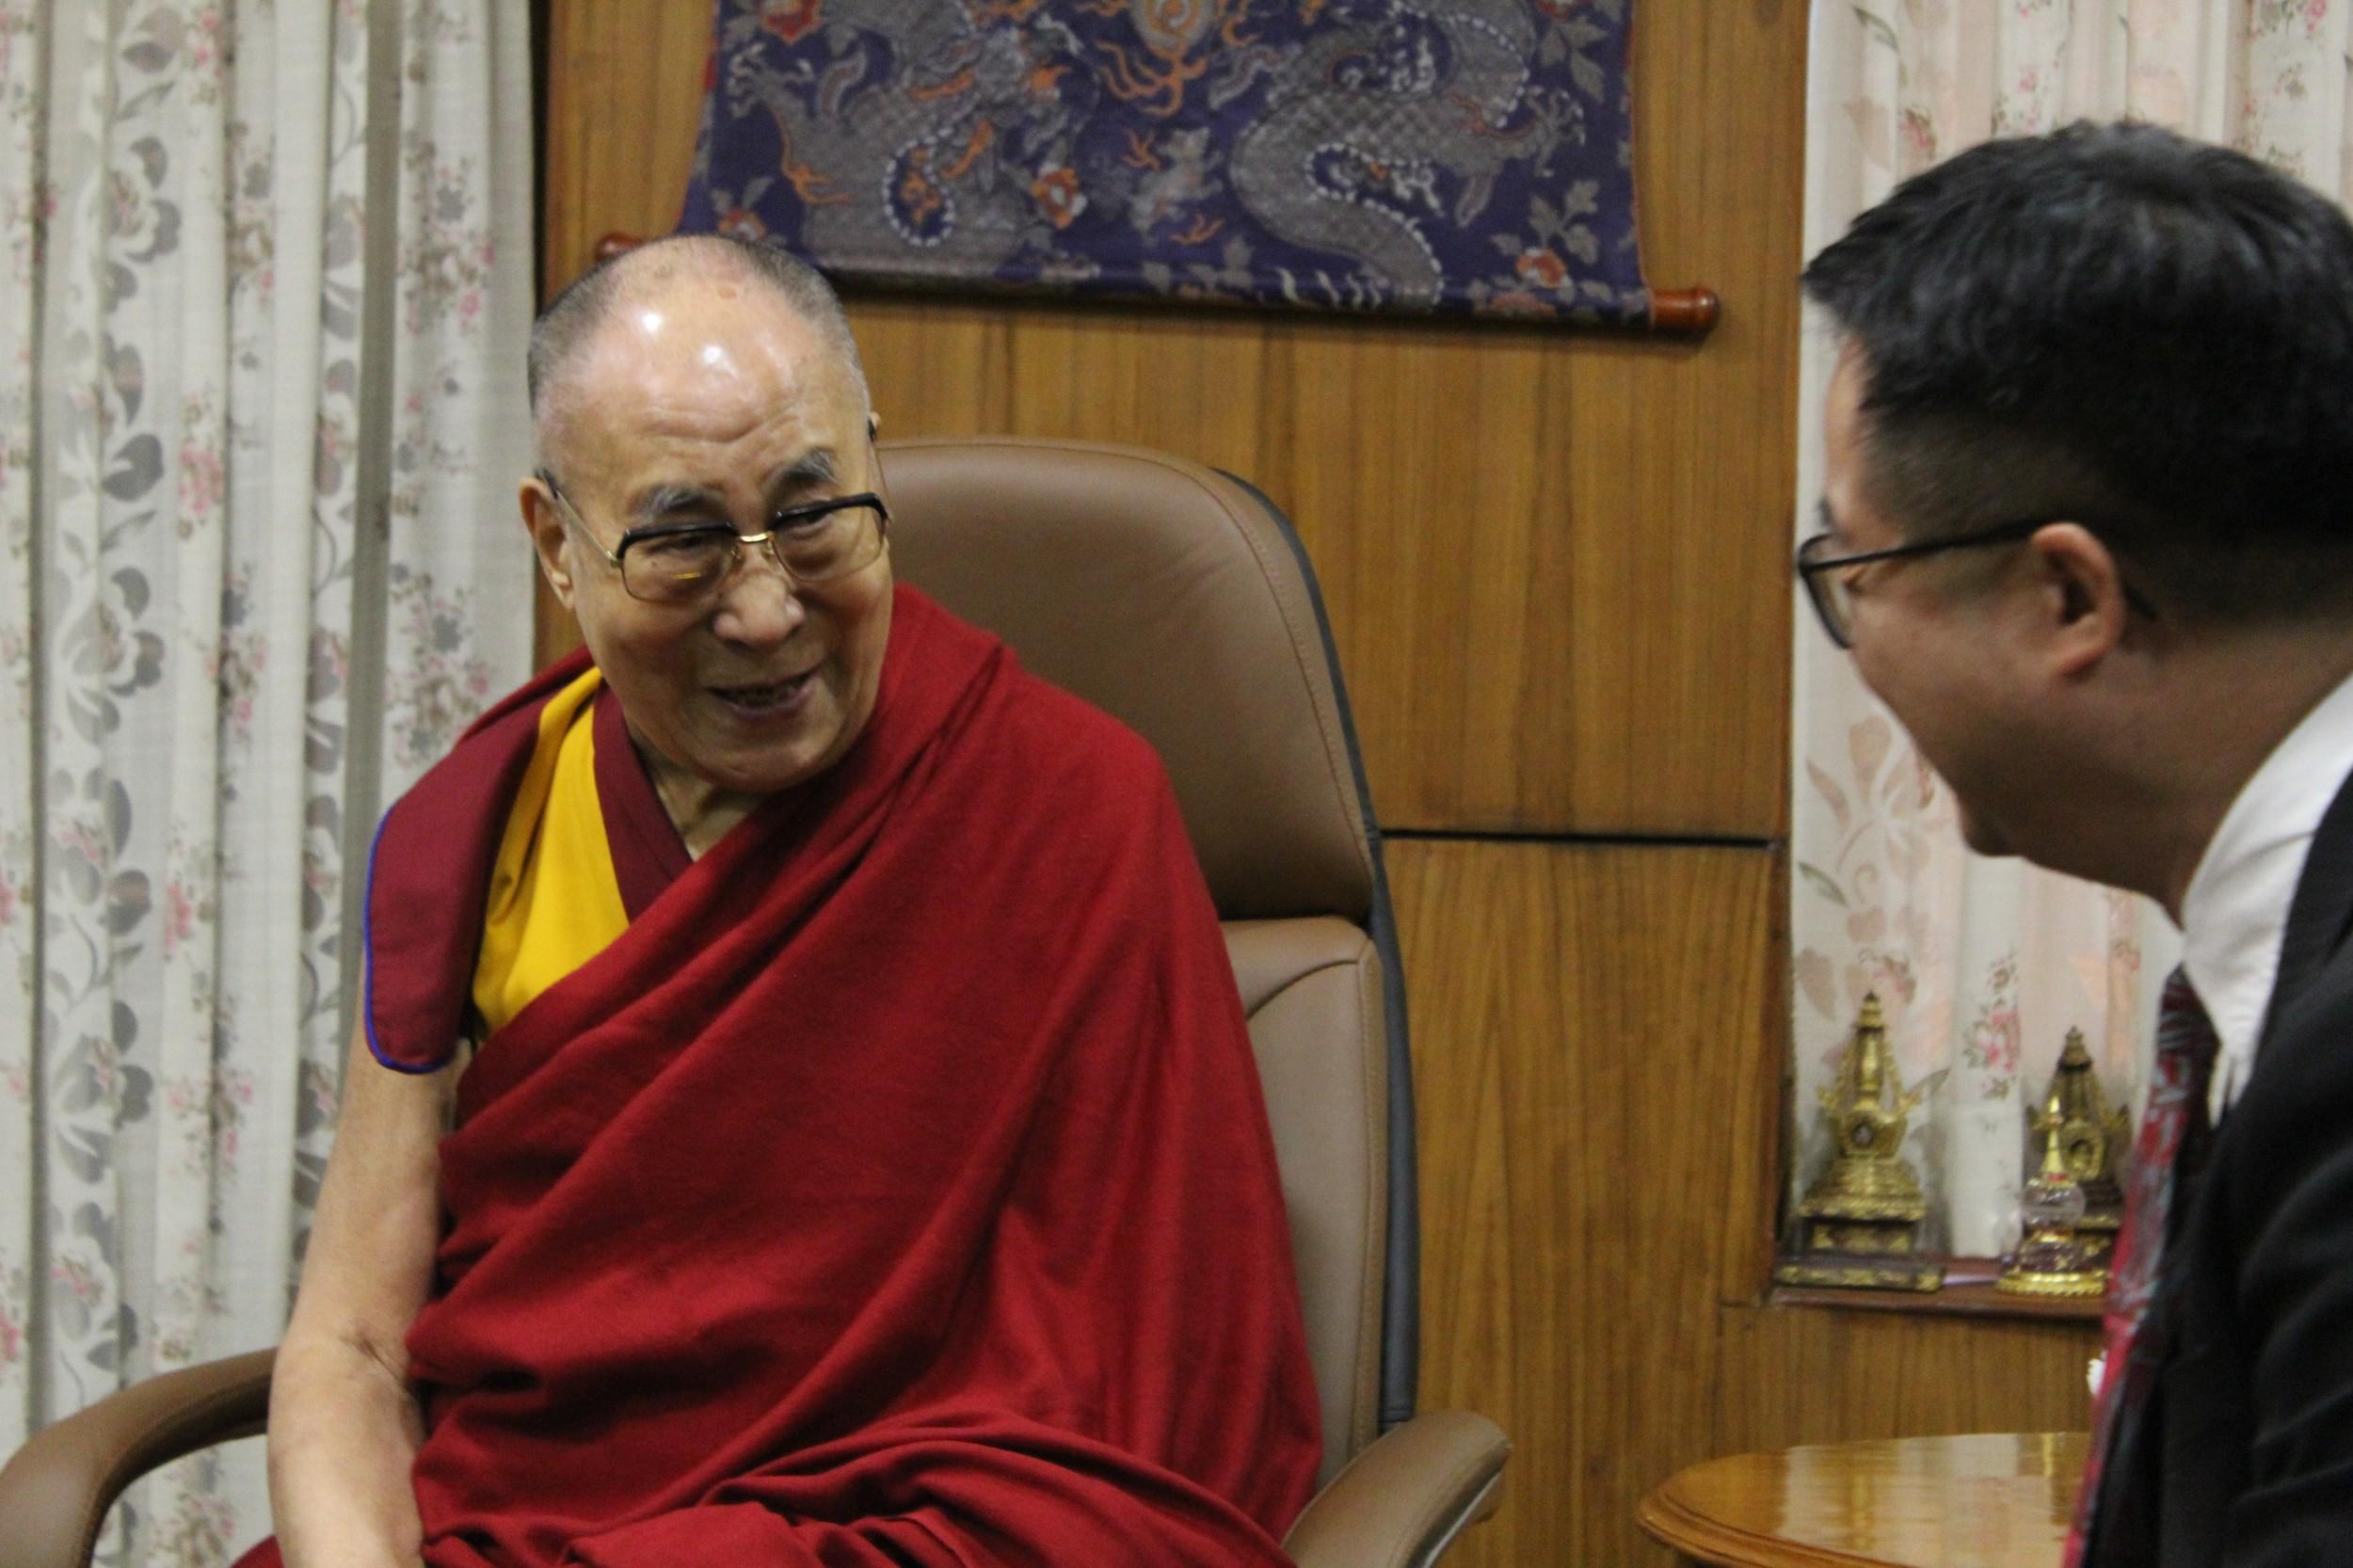 民进党秘书长罗文嘉赴印度拜会达赖喇嘛。(民进党提供)